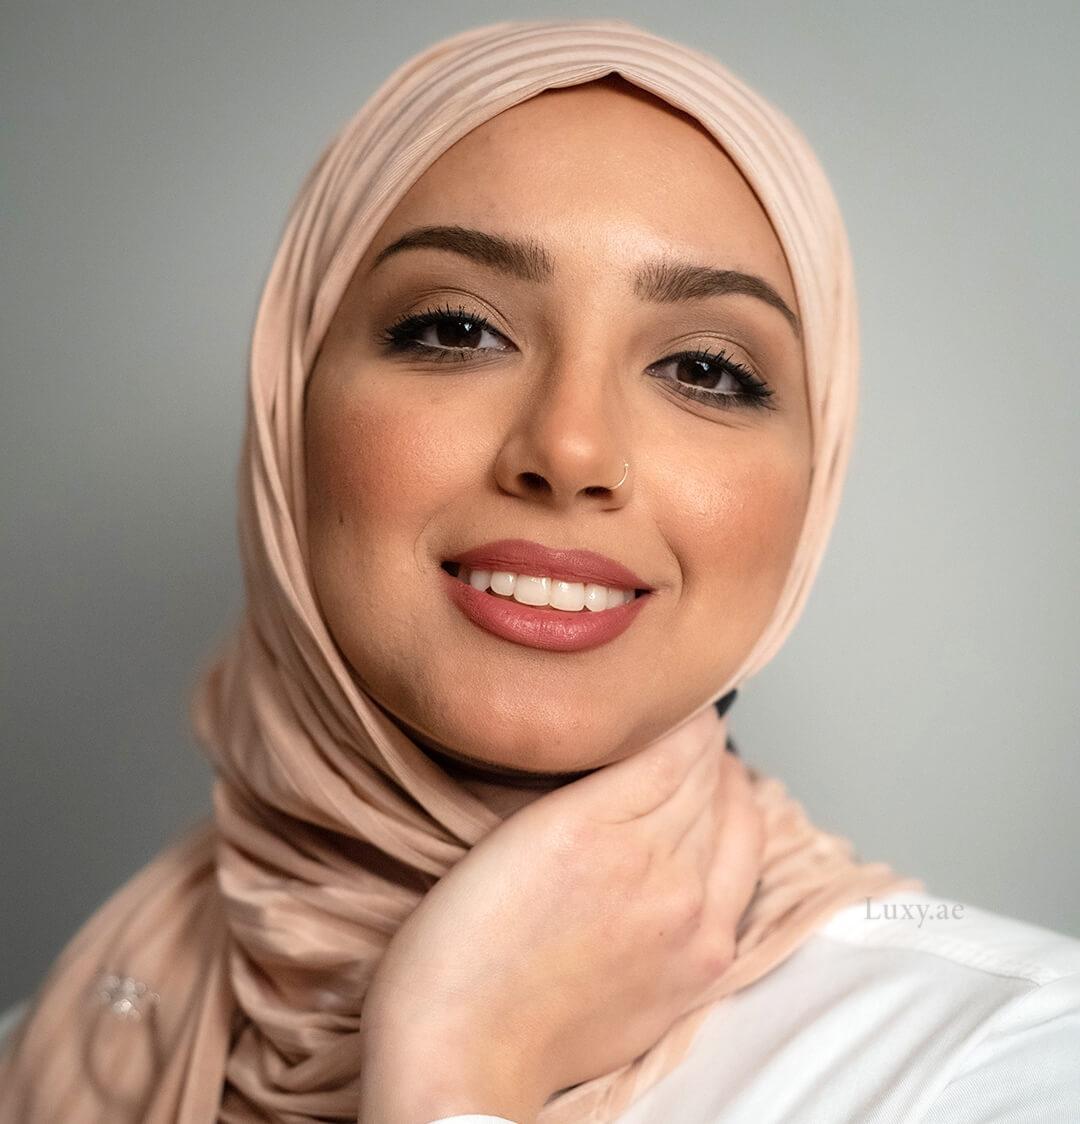 hijab model